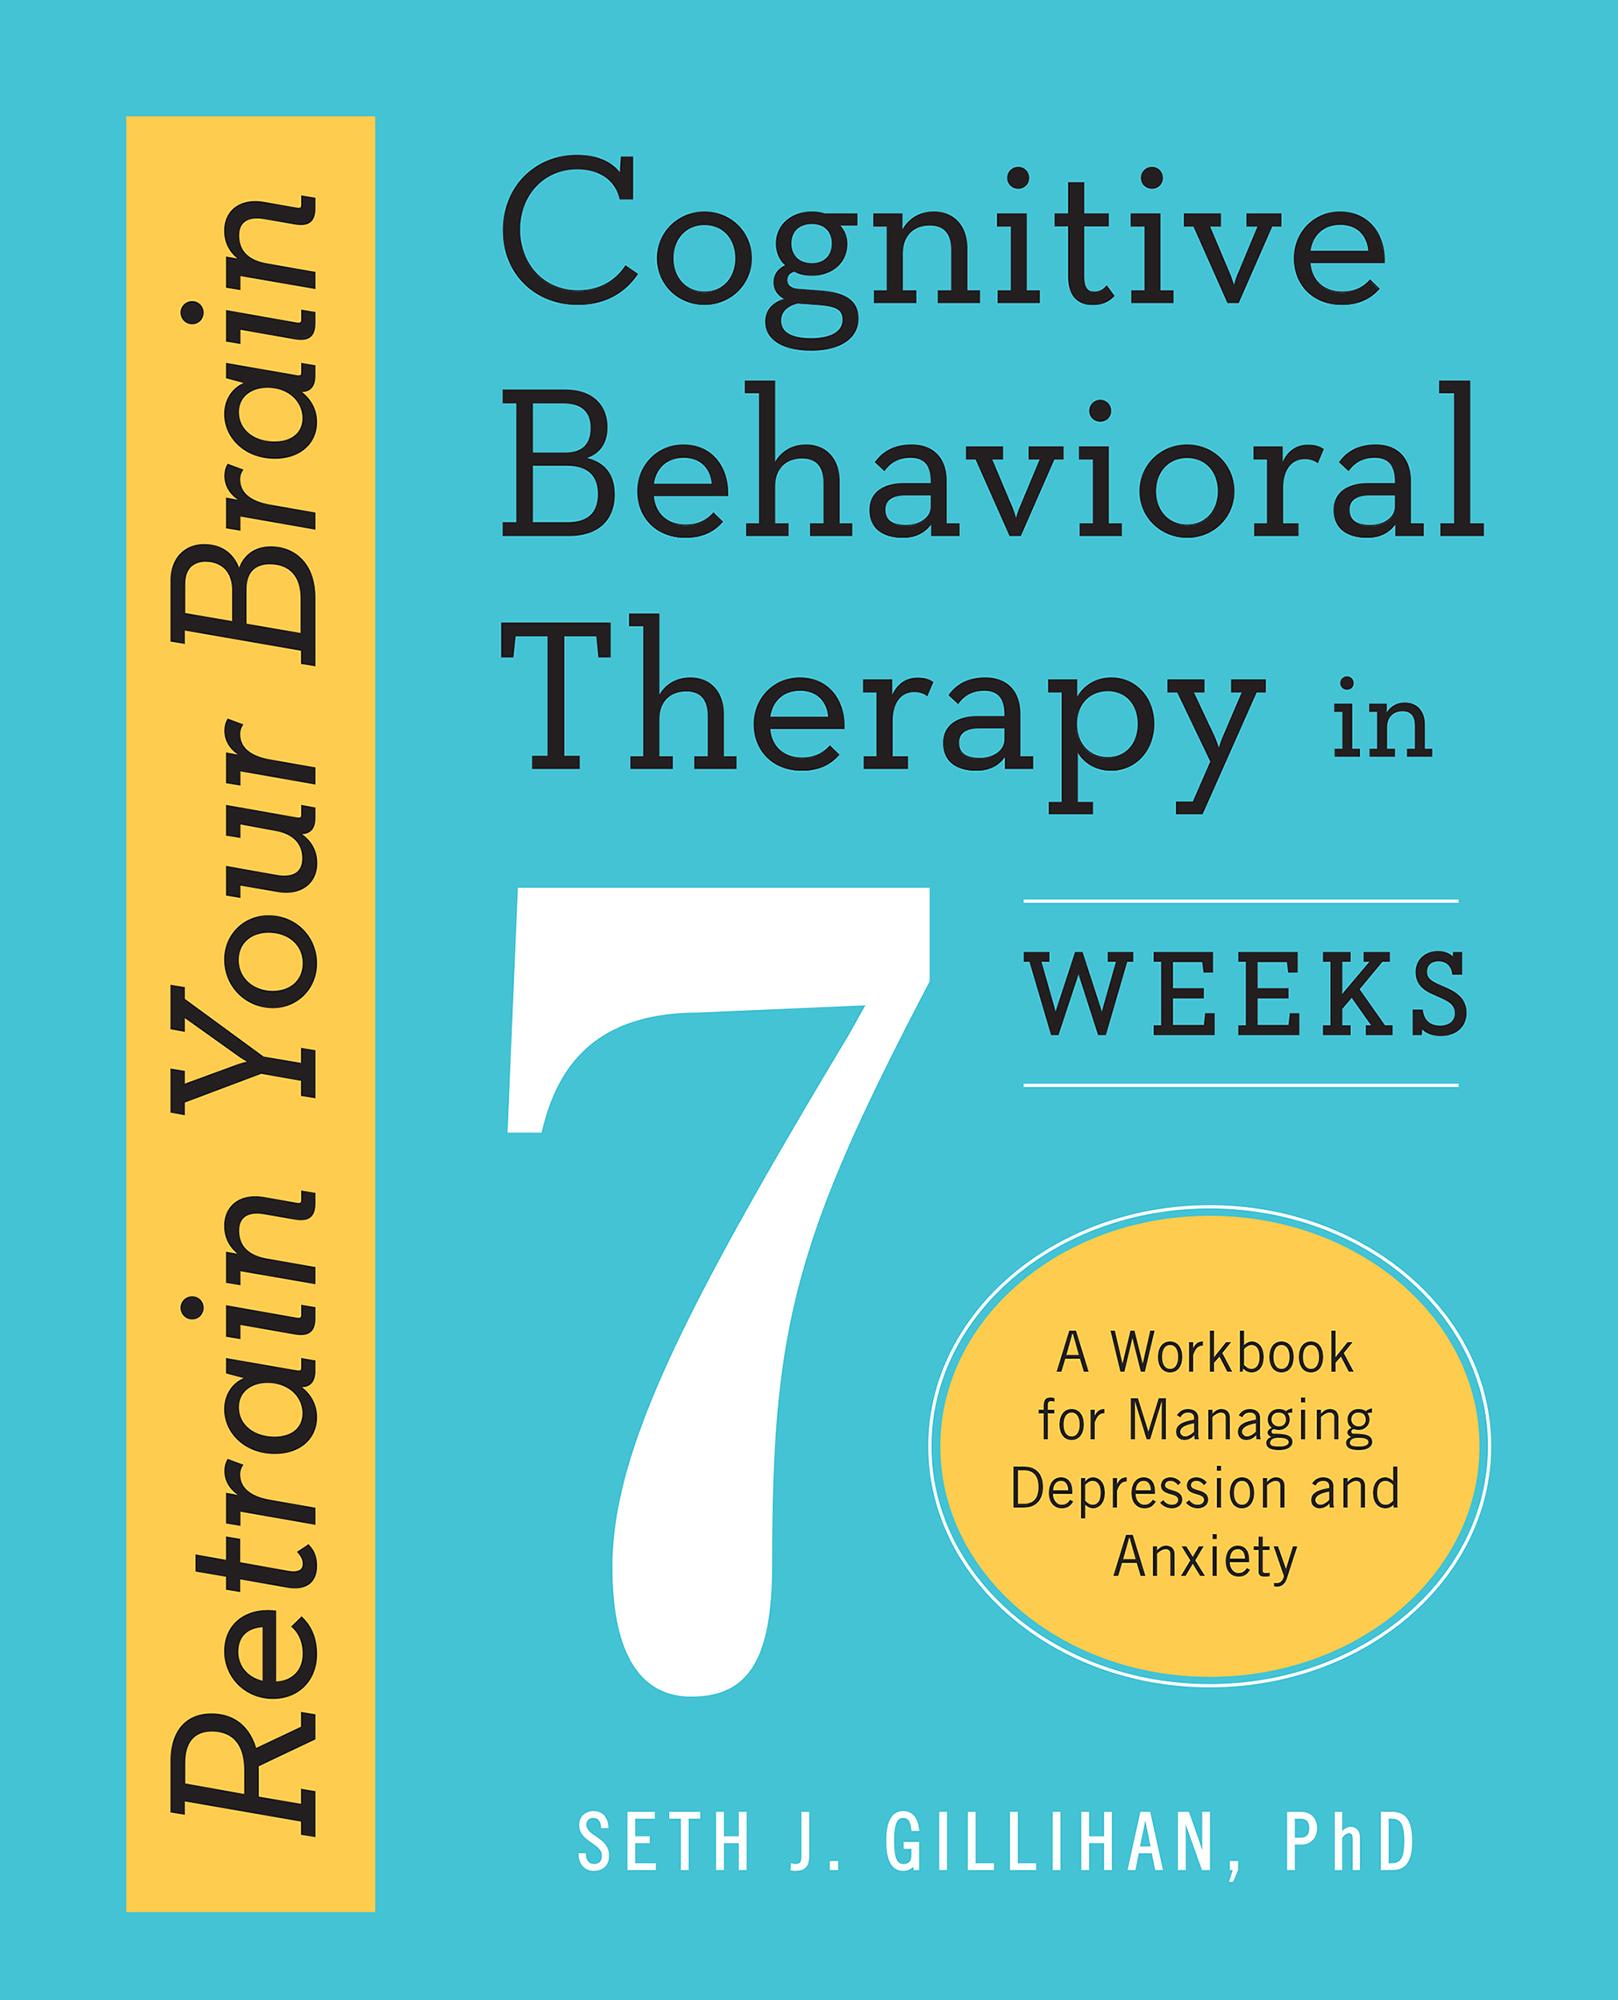 RetrainYourBrain_CognitiveBehavioralTherapyin7weeks_9781623157807_KoboBN.jpg